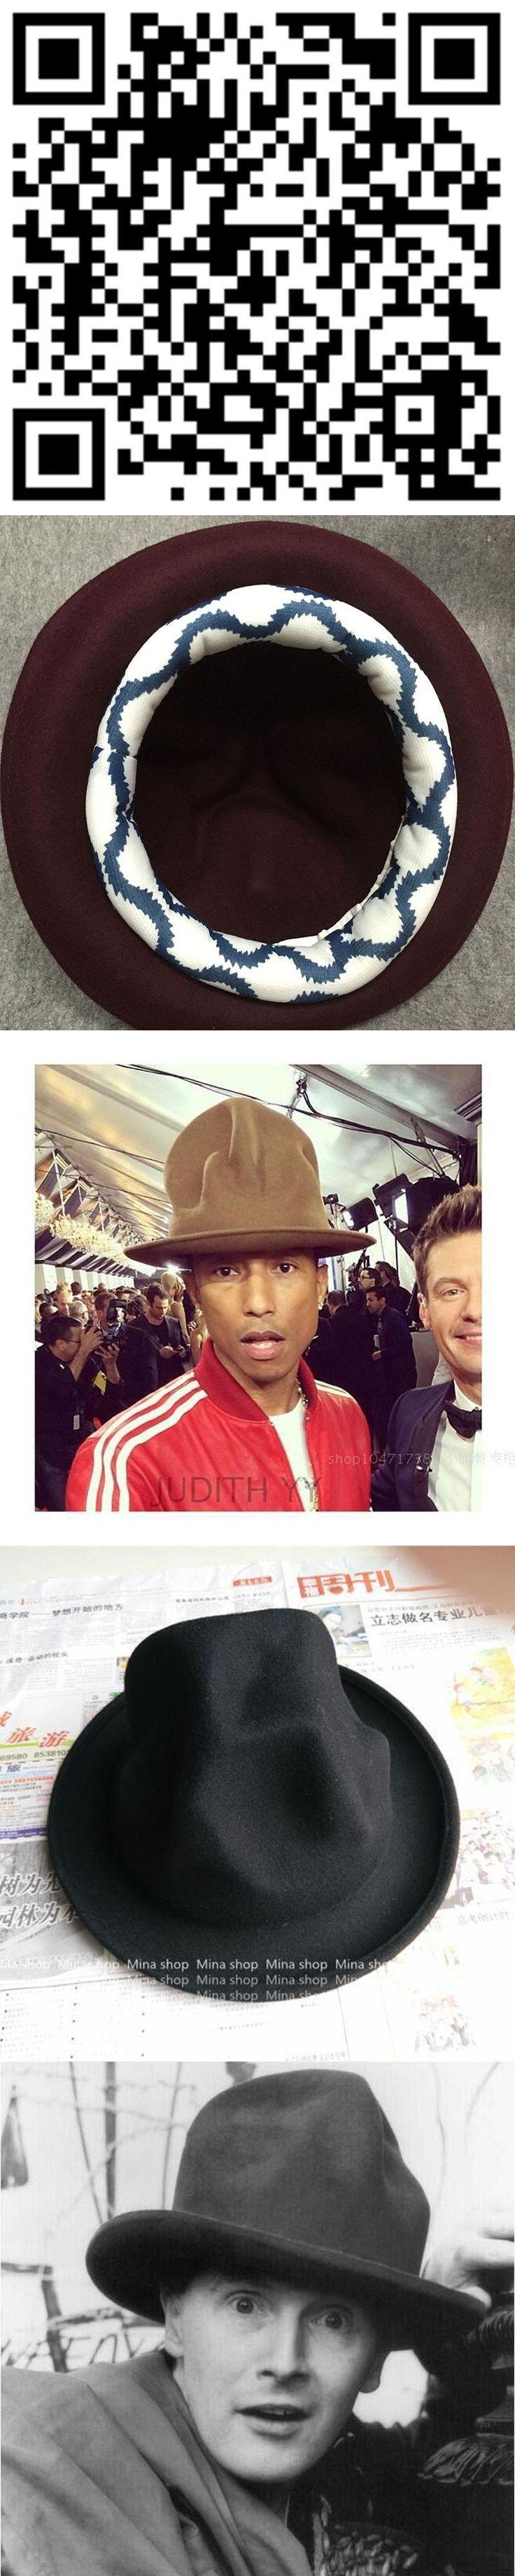 2017 Brand New Fashion Women Men 100% wool Felt Mountain Hat Mad Hatter Millinery Magician Buffalo Top Hat